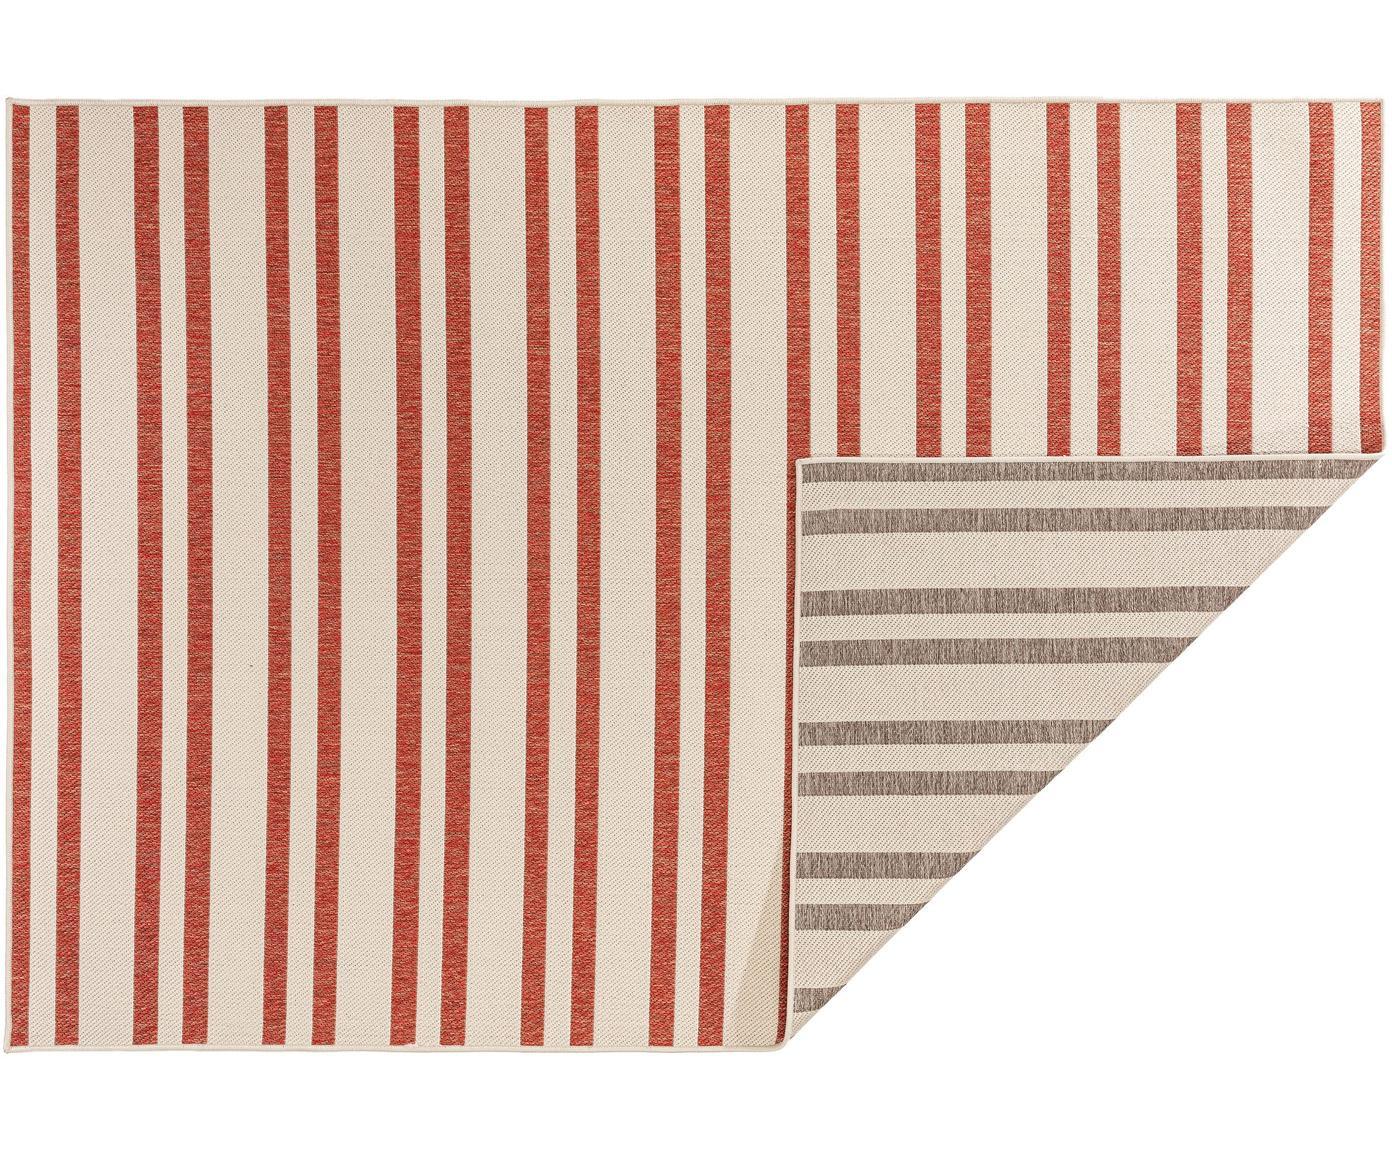 Dywan wewnętrzny/zewnętrzny Terrazzo, Polipropylen, Beżowy, czerwony, S 120 x D 180 cm (Rozmiar S)